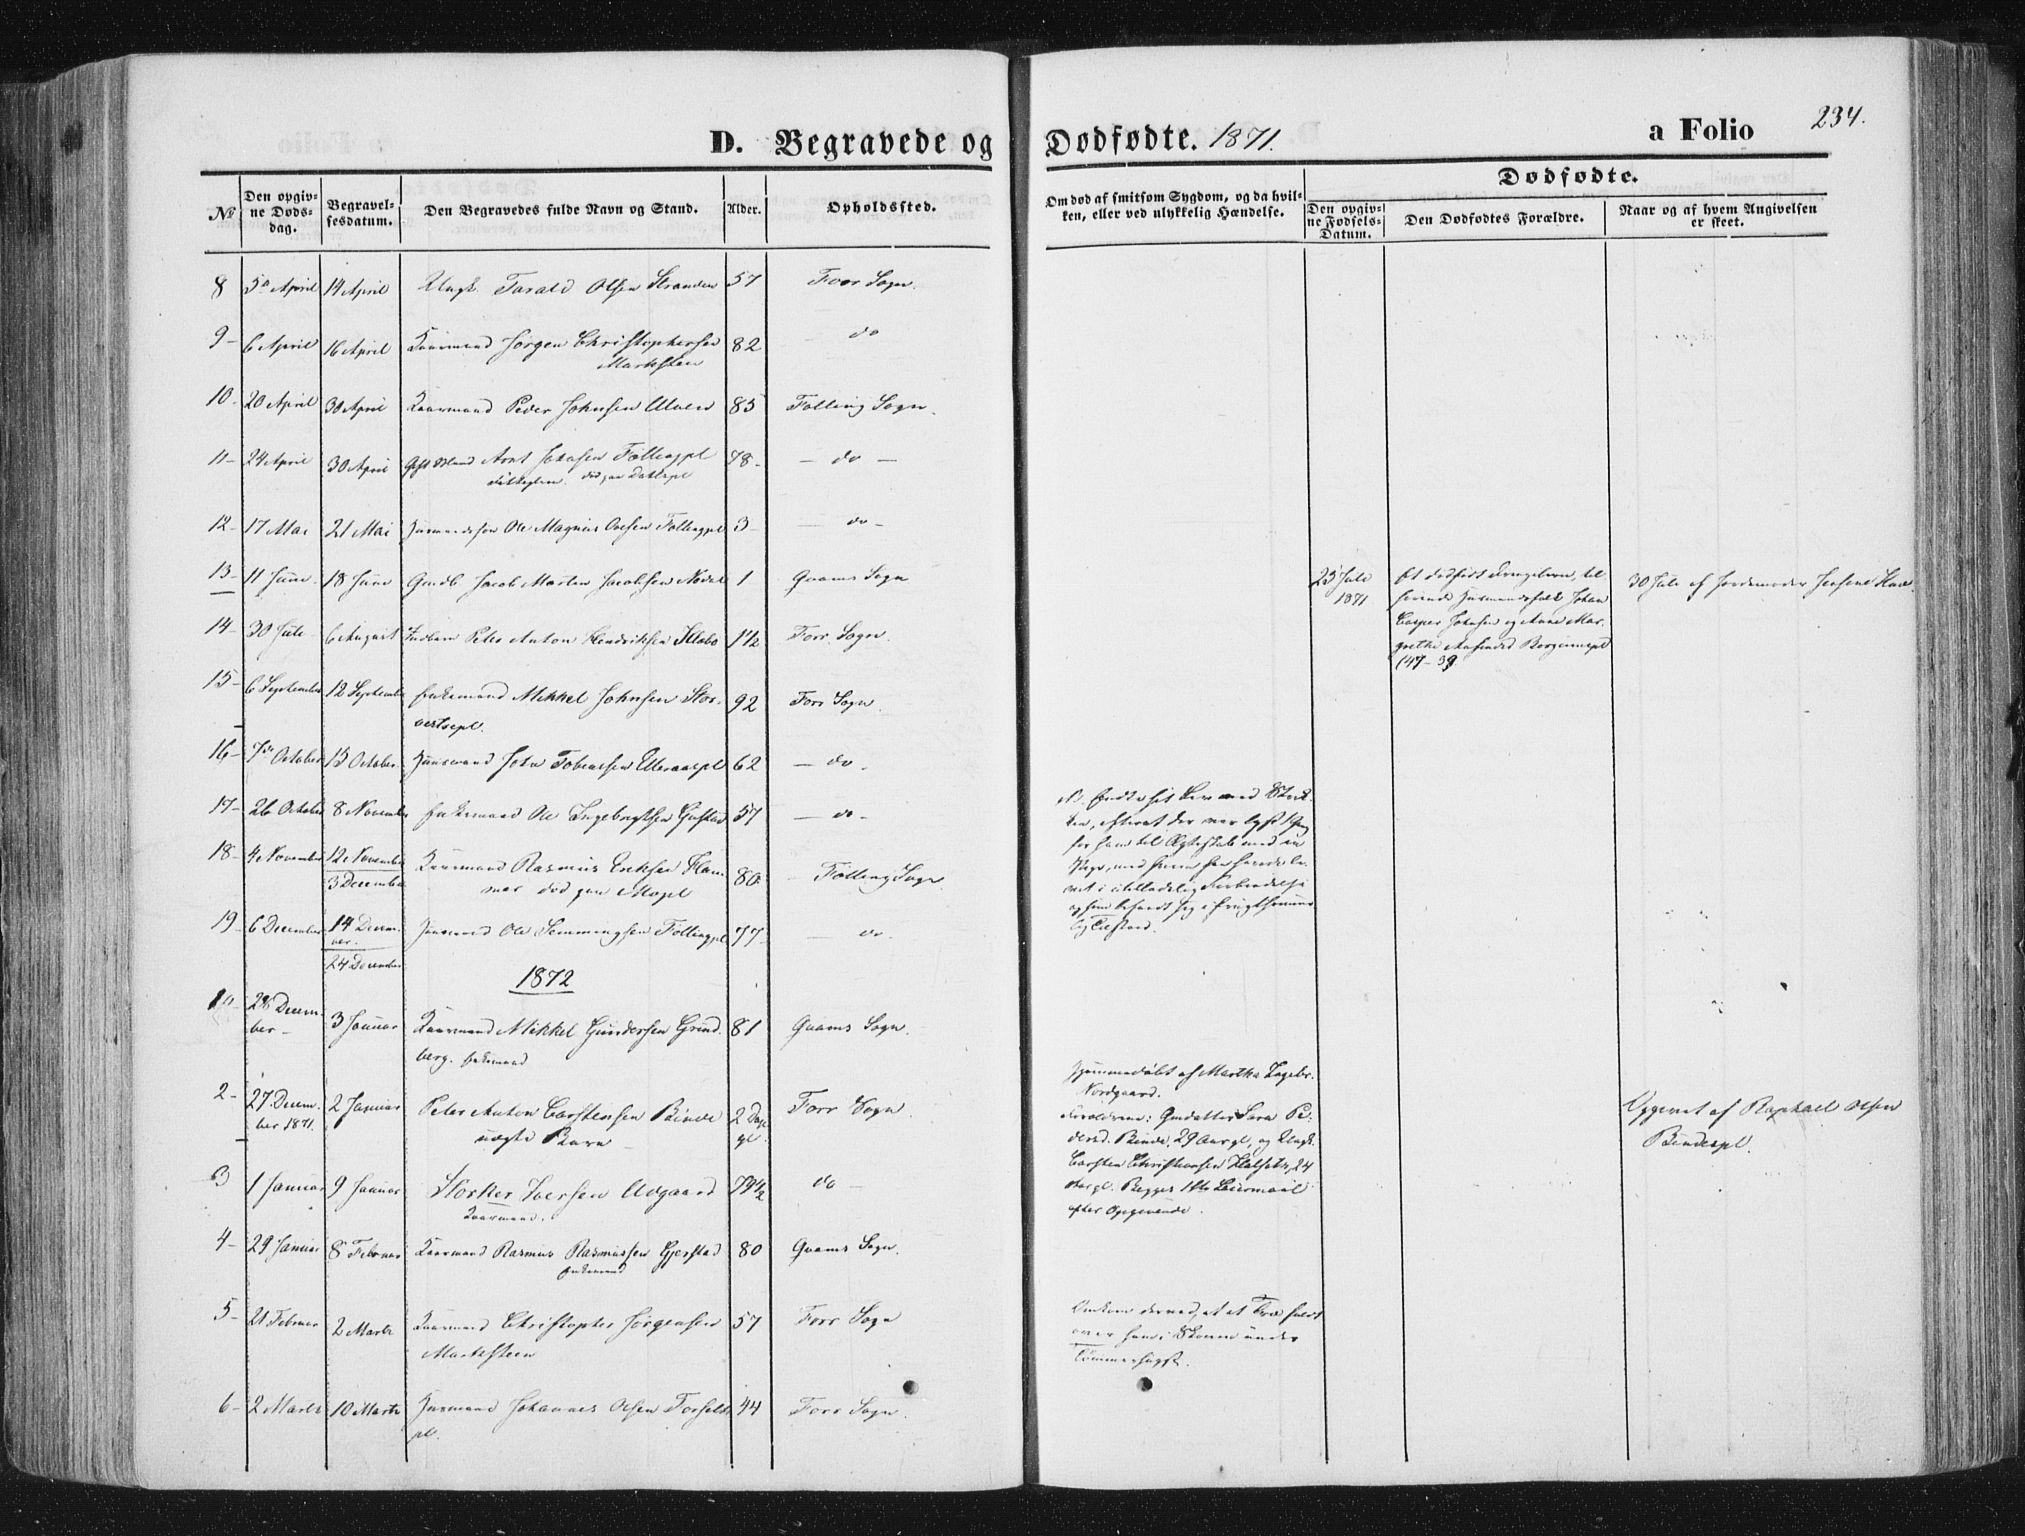 SAT, Ministerialprotokoller, klokkerbøker og fødselsregistre - Nord-Trøndelag, 746/L0447: Ministerialbok nr. 746A06, 1860-1877, s. 234